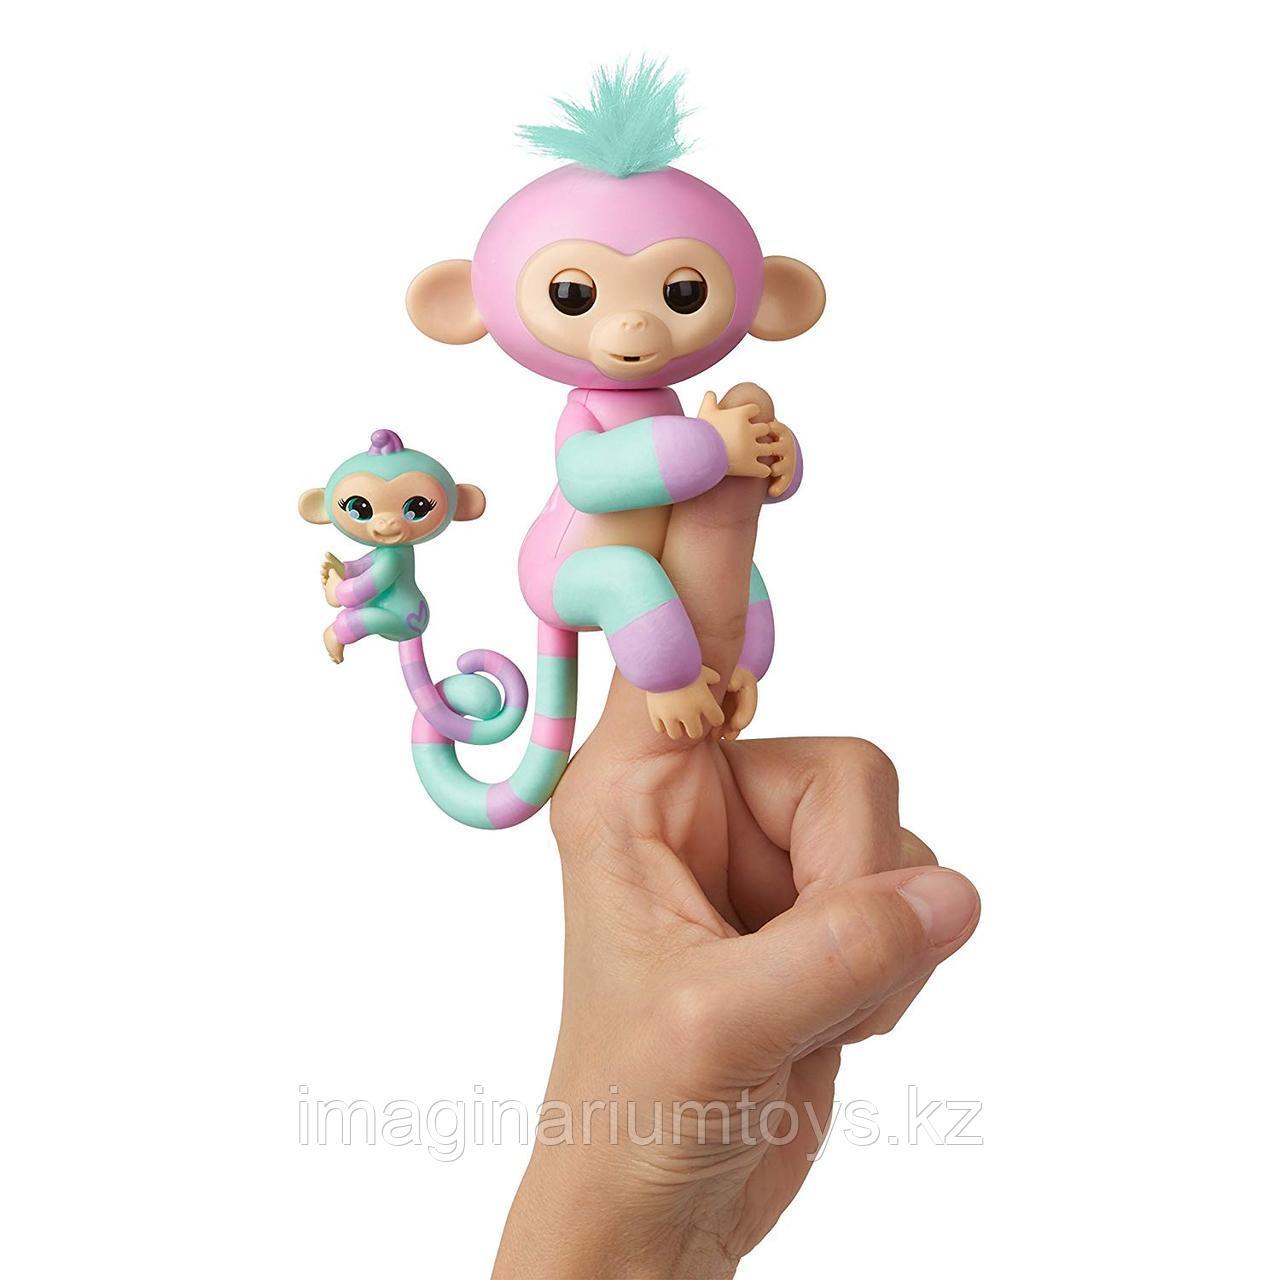 Fingerlings интерактивные обезьянки Эшли и Ченс